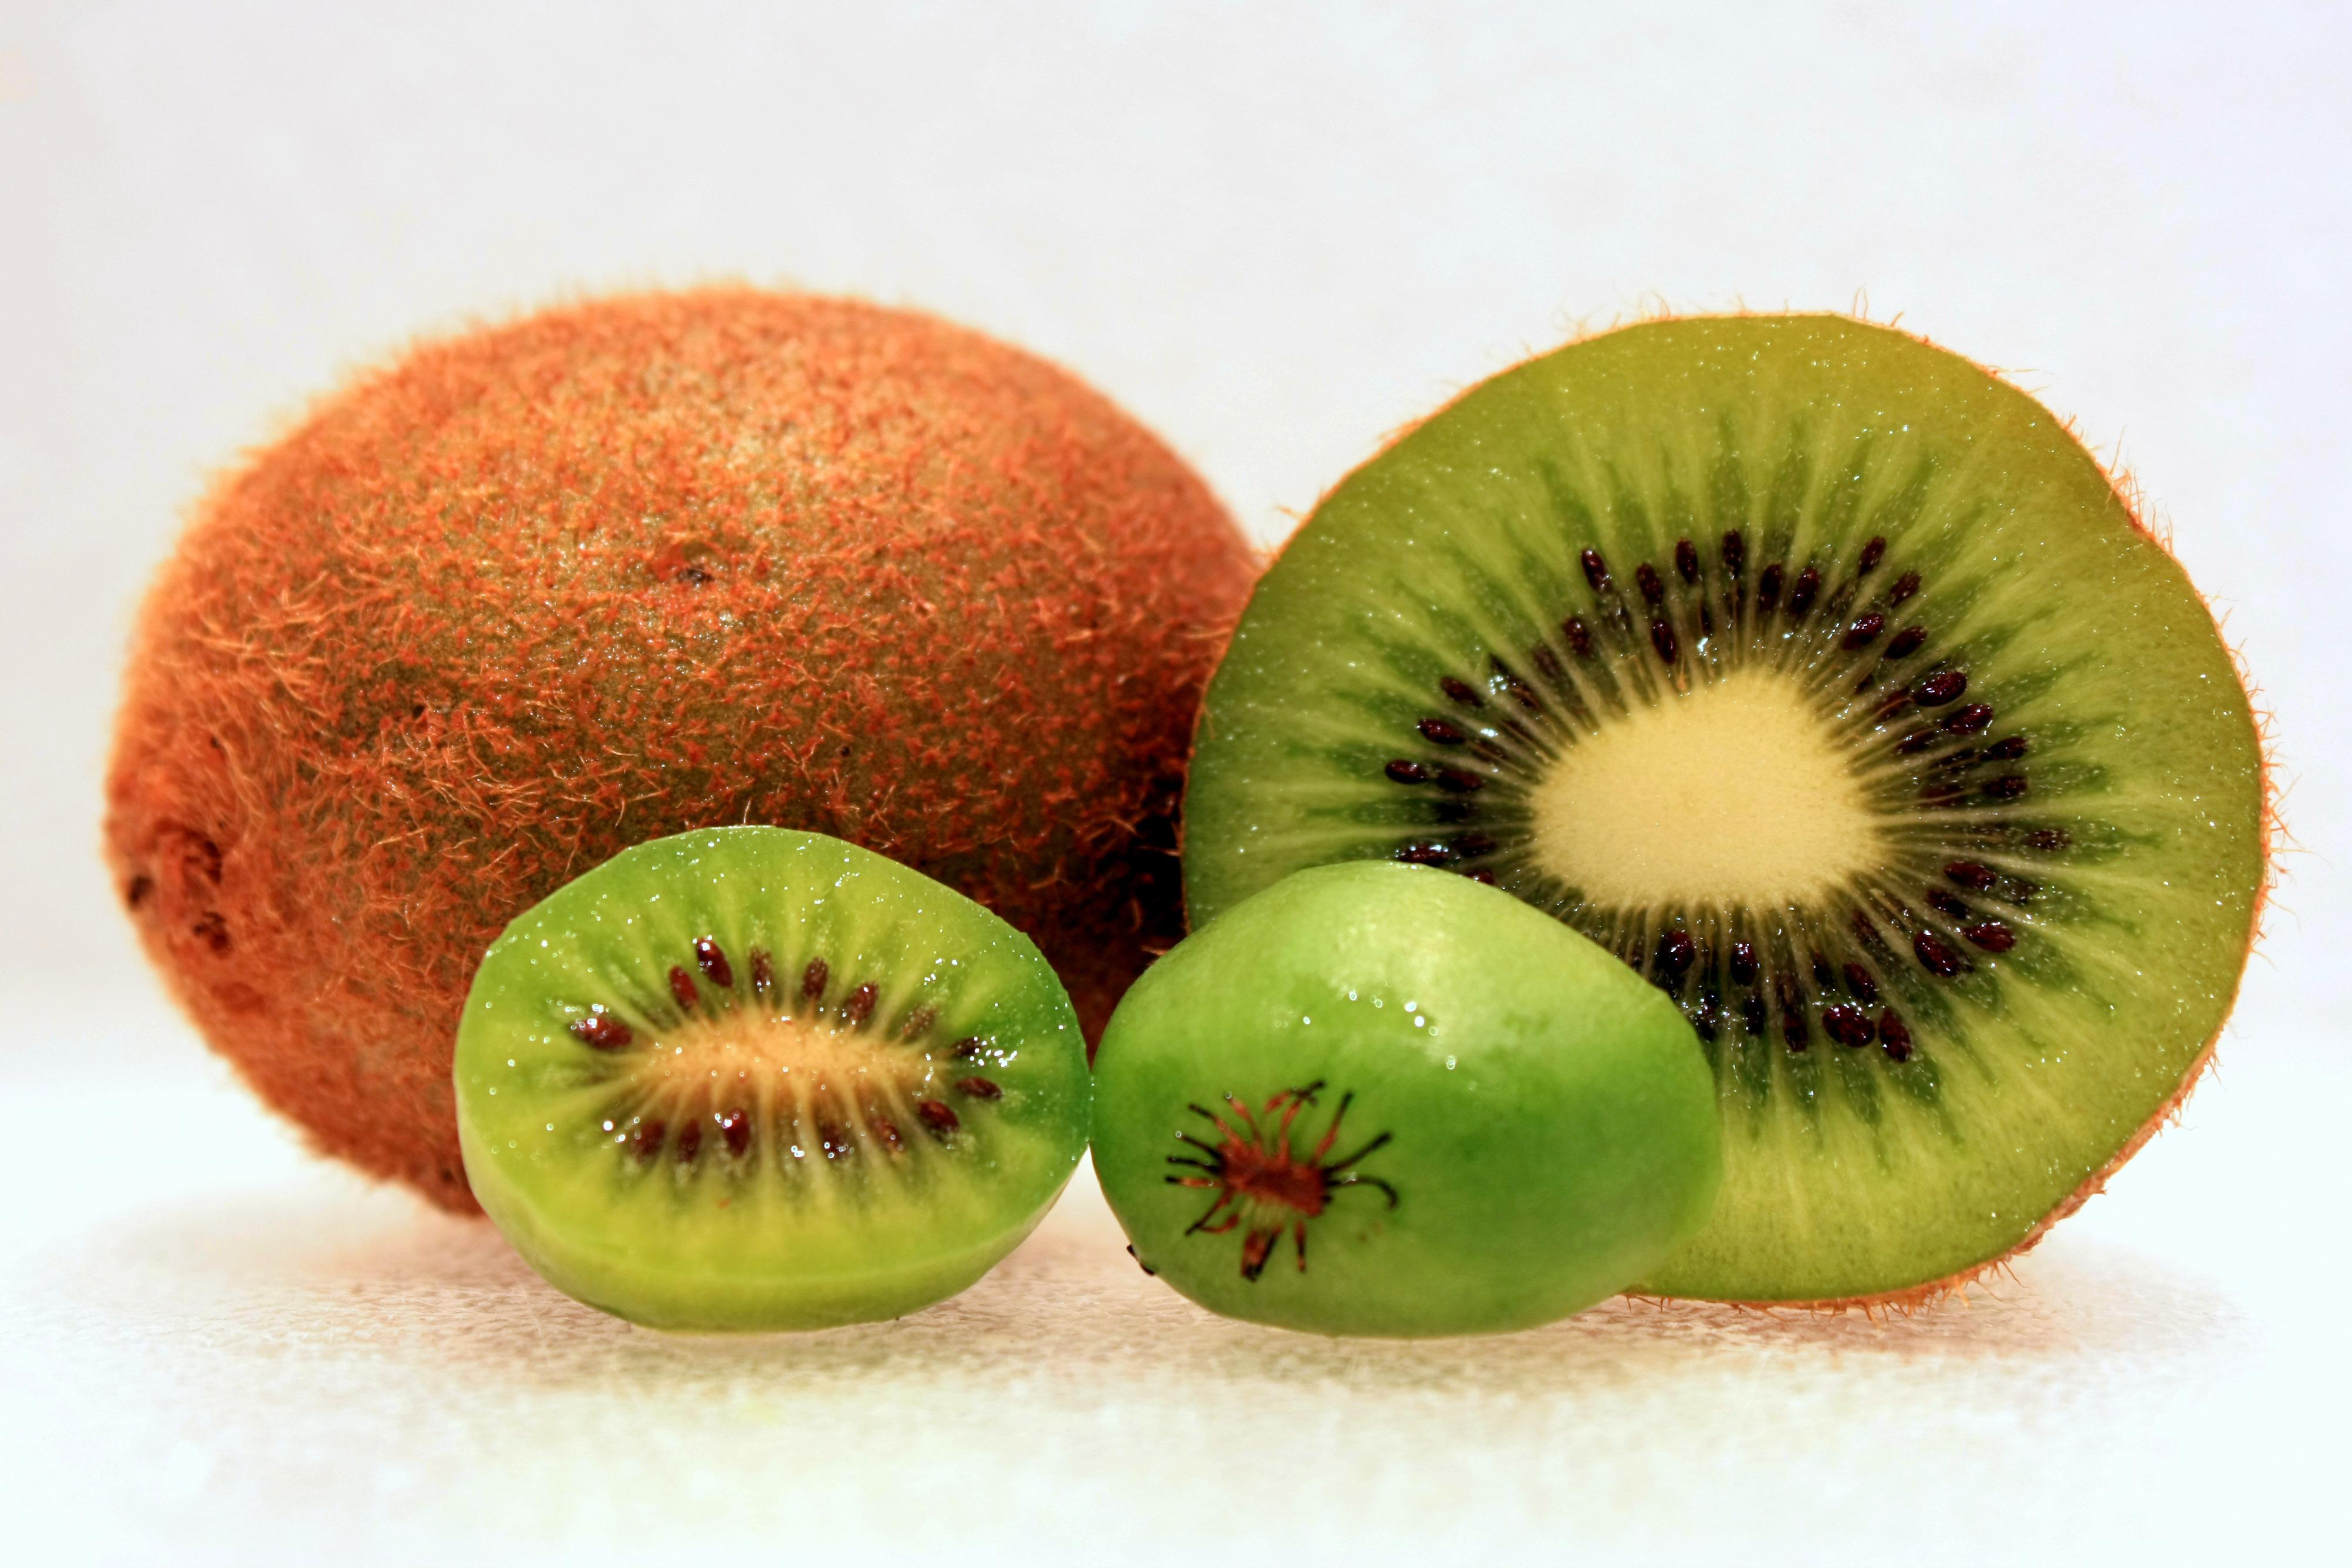 Il kiwi vince il primo premio per quantità di vitamina C contenuta: 85 mg ogni 100 g contro i 50 mg dell'arancia. Inoltre è ricco di vitamine del gruppo B (B1 e B2) e contiene un discreto quantitativo di vitamina E. Ricco di calcio, fosforo e magnesio; ha un alto contenuto di fibre, quindi aiuta a favorire la regolarità intestinale; rinforza il sistema immunitario e ti aiuta a prevenire influenza e malanni stagionali; migliora la funzionalità cardiaca (grazie al contenuto di acidi grassi come gli Omega-3); riduce i livelli di colesterolo cattivo e regolarizza la pressione arteriosa; favorisce la concentrazione e rinforza i muscoli; è consigliato in gravidanza, in quanto favorisce l'assorbimento dell'acido folico, indicato contro le malformazioni della spina bifida o l'anencefalia; è ricco di sodio e potassio, minerali che agiscono sulla contrazione muscolare e aiutano a prevenire i crampi, per questo è molto indicato per gli sportivi. Il kiwi è anche un antirughe naturale: ridona luminosità ed elasticità alla pelle e, grazie alla sua azione antiossidante, la aiuta a restare giovane.